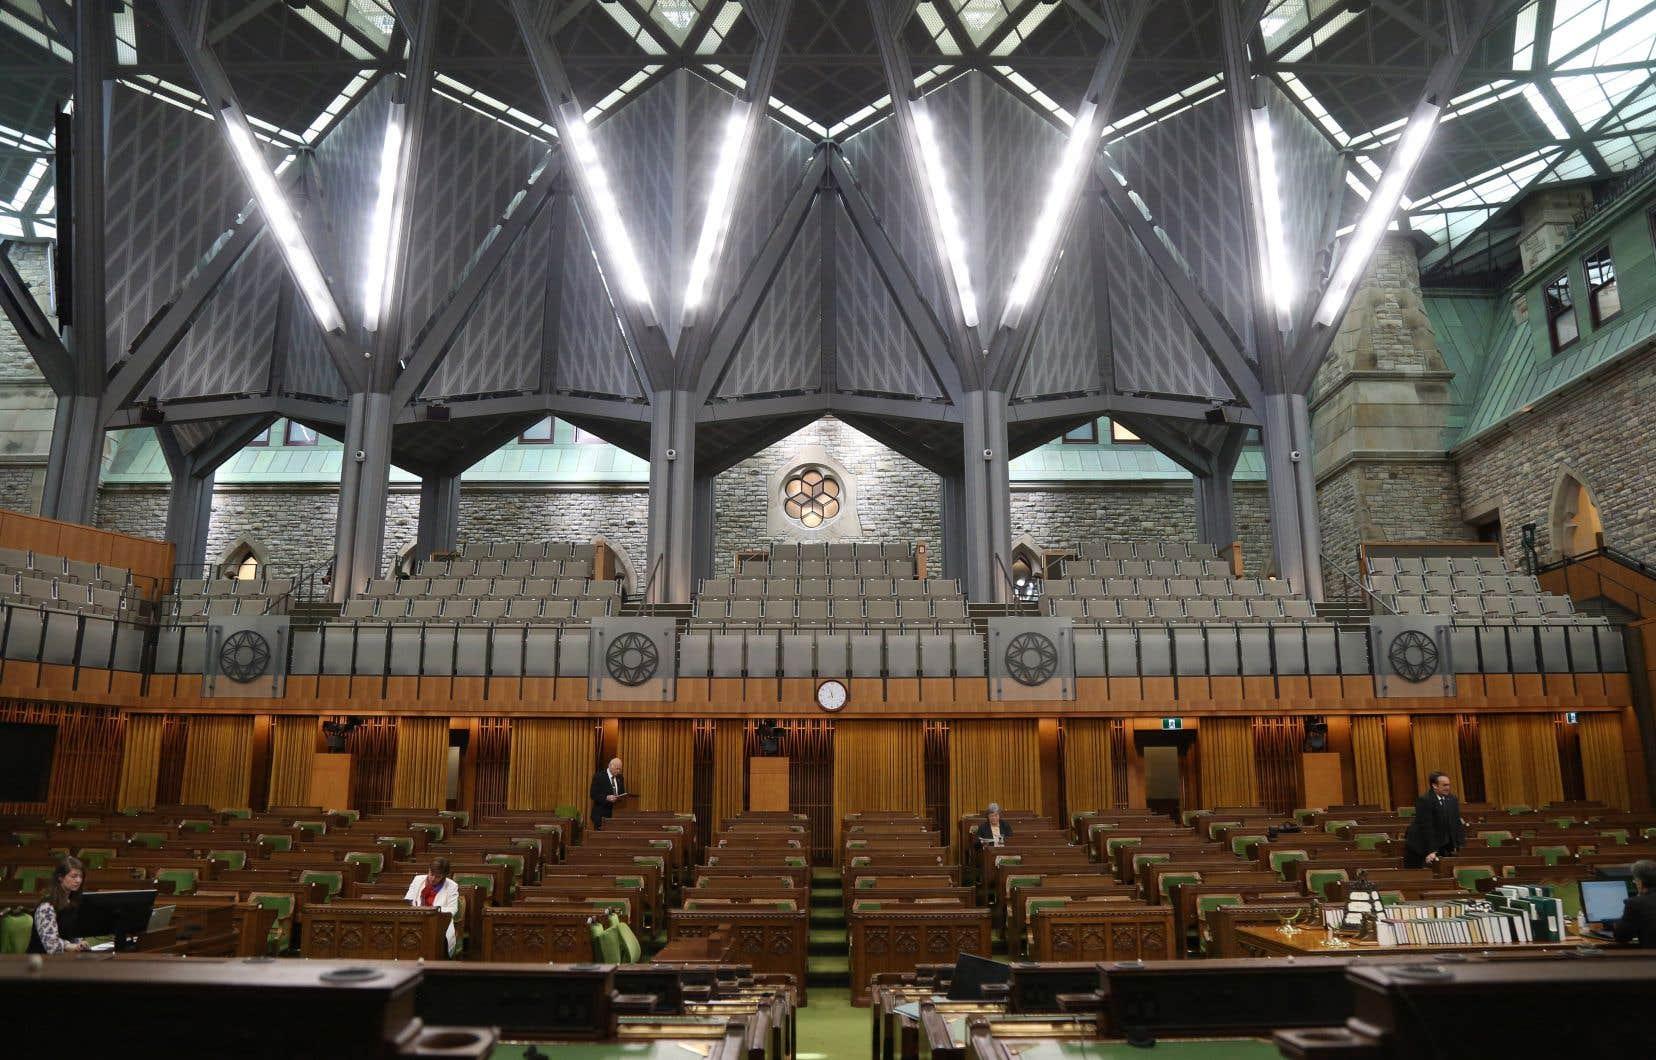 Après plusieurs semaines d'obstruction, le projet de loi C-10 sur la radiodiffusion a été adopté mardi, au petit matin, à la Chambre des communes.